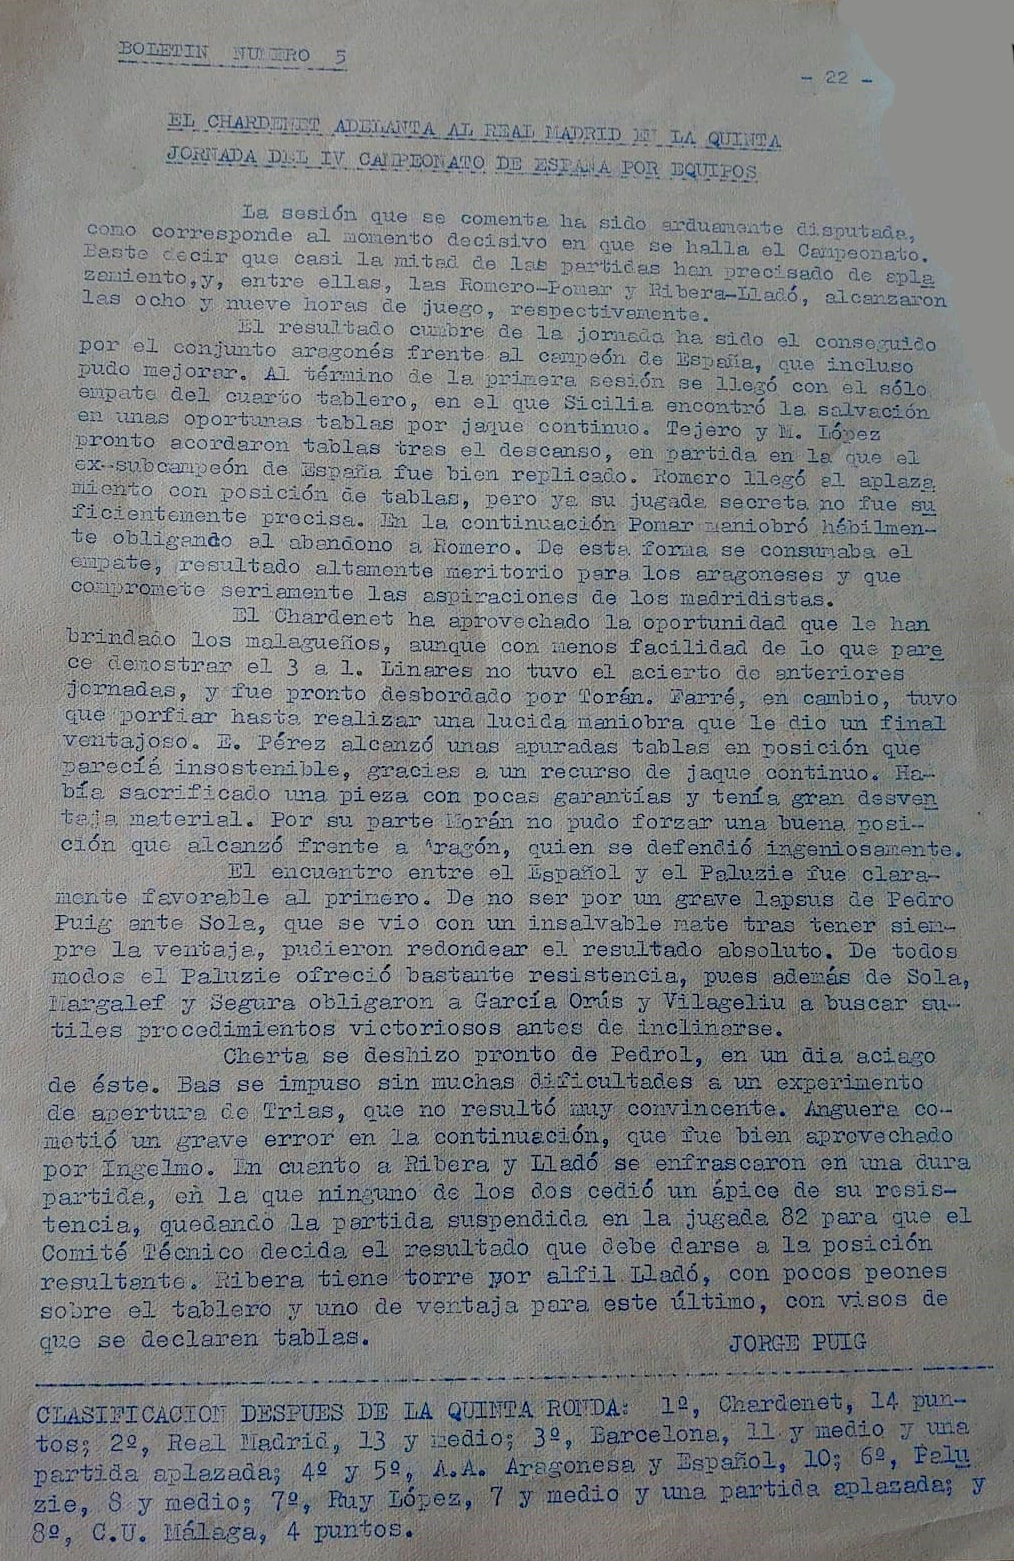 Hojas informativas del IV Campeonato de España por equipos 1960